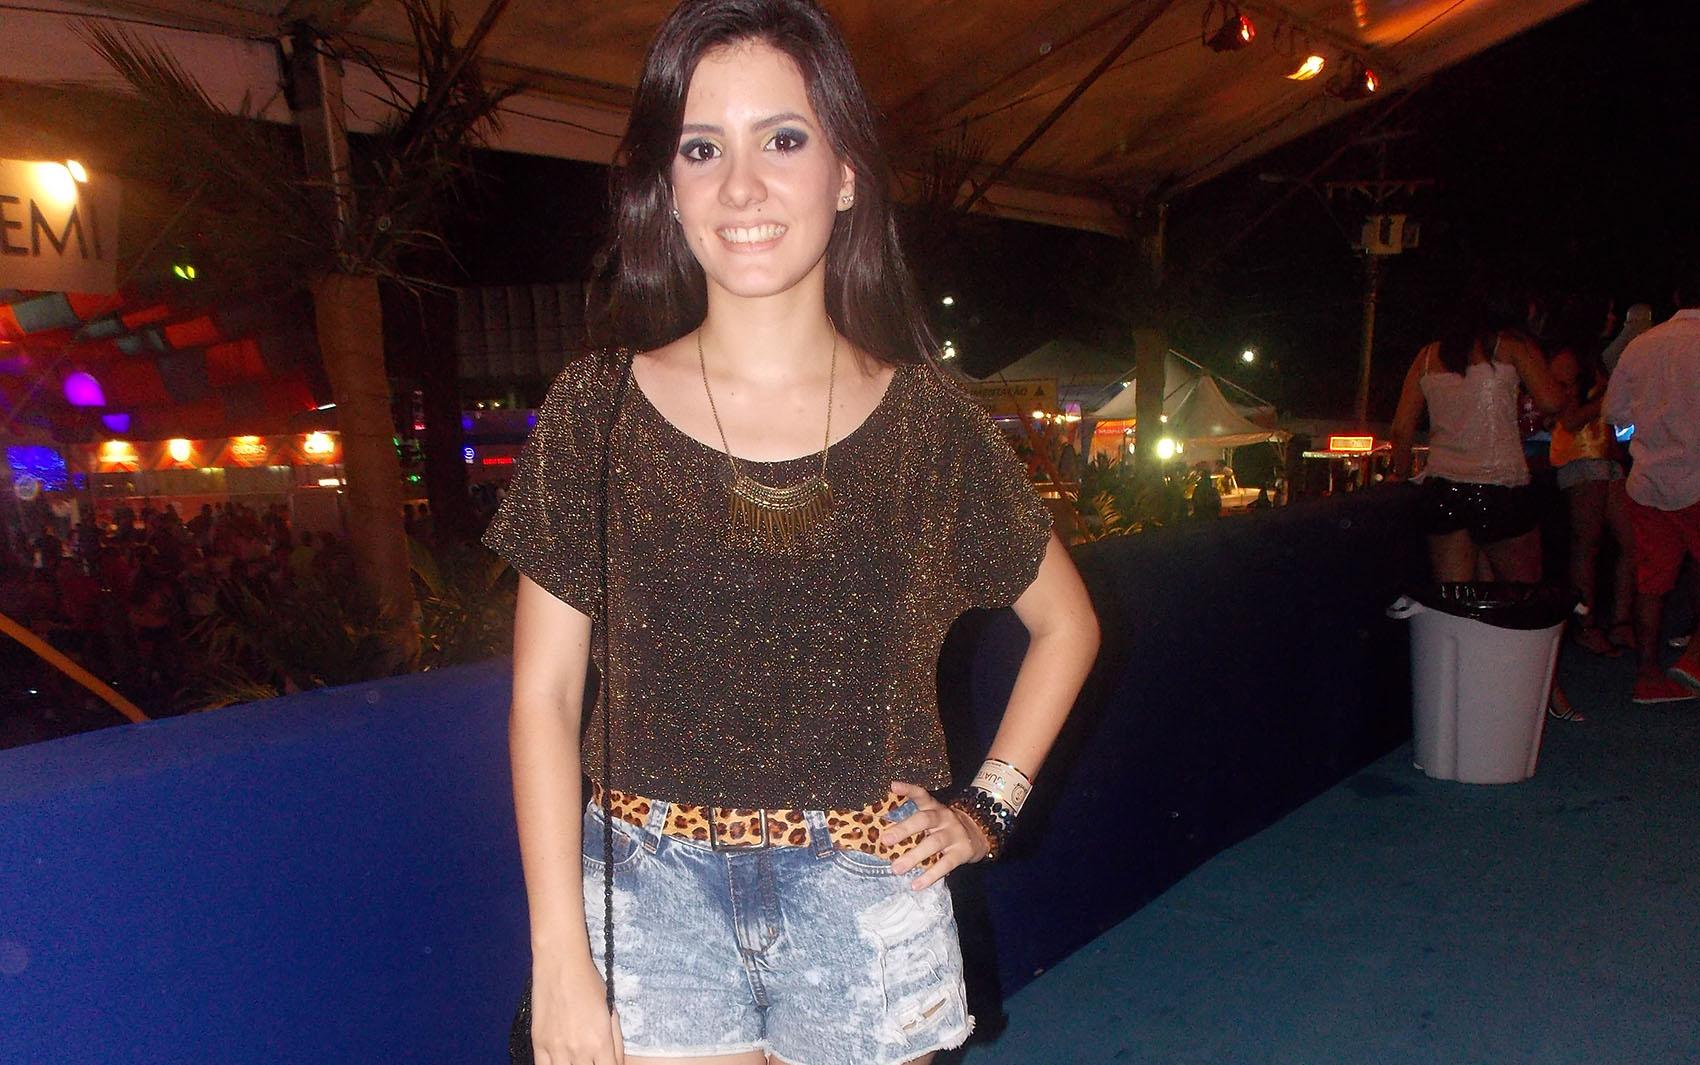 O G1 convidou a consultora de moda Amanda Dragone para conferir os looks escolhidos pelas mulheres e homens na noite desta quinta-feira, em Salvador. Confira nas próximas fotos o que diz a especialista sobre os estilos de cada um.